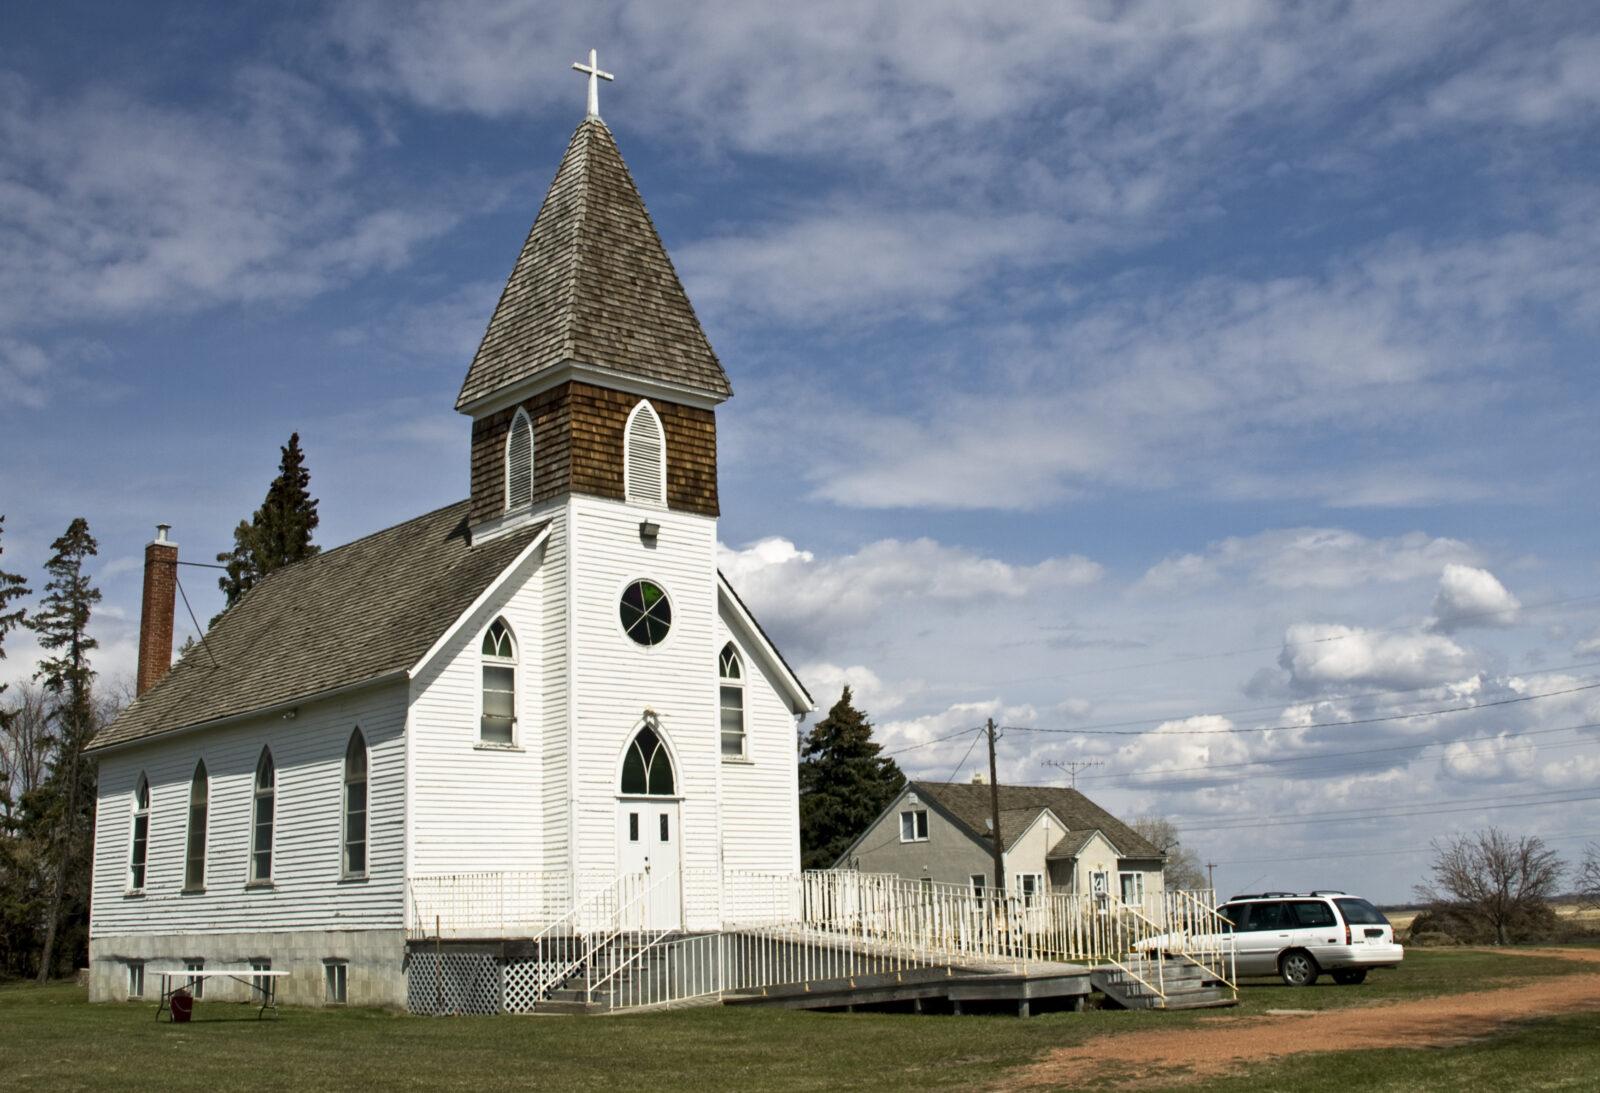 Вот чего валом повсеместно, это церквей...